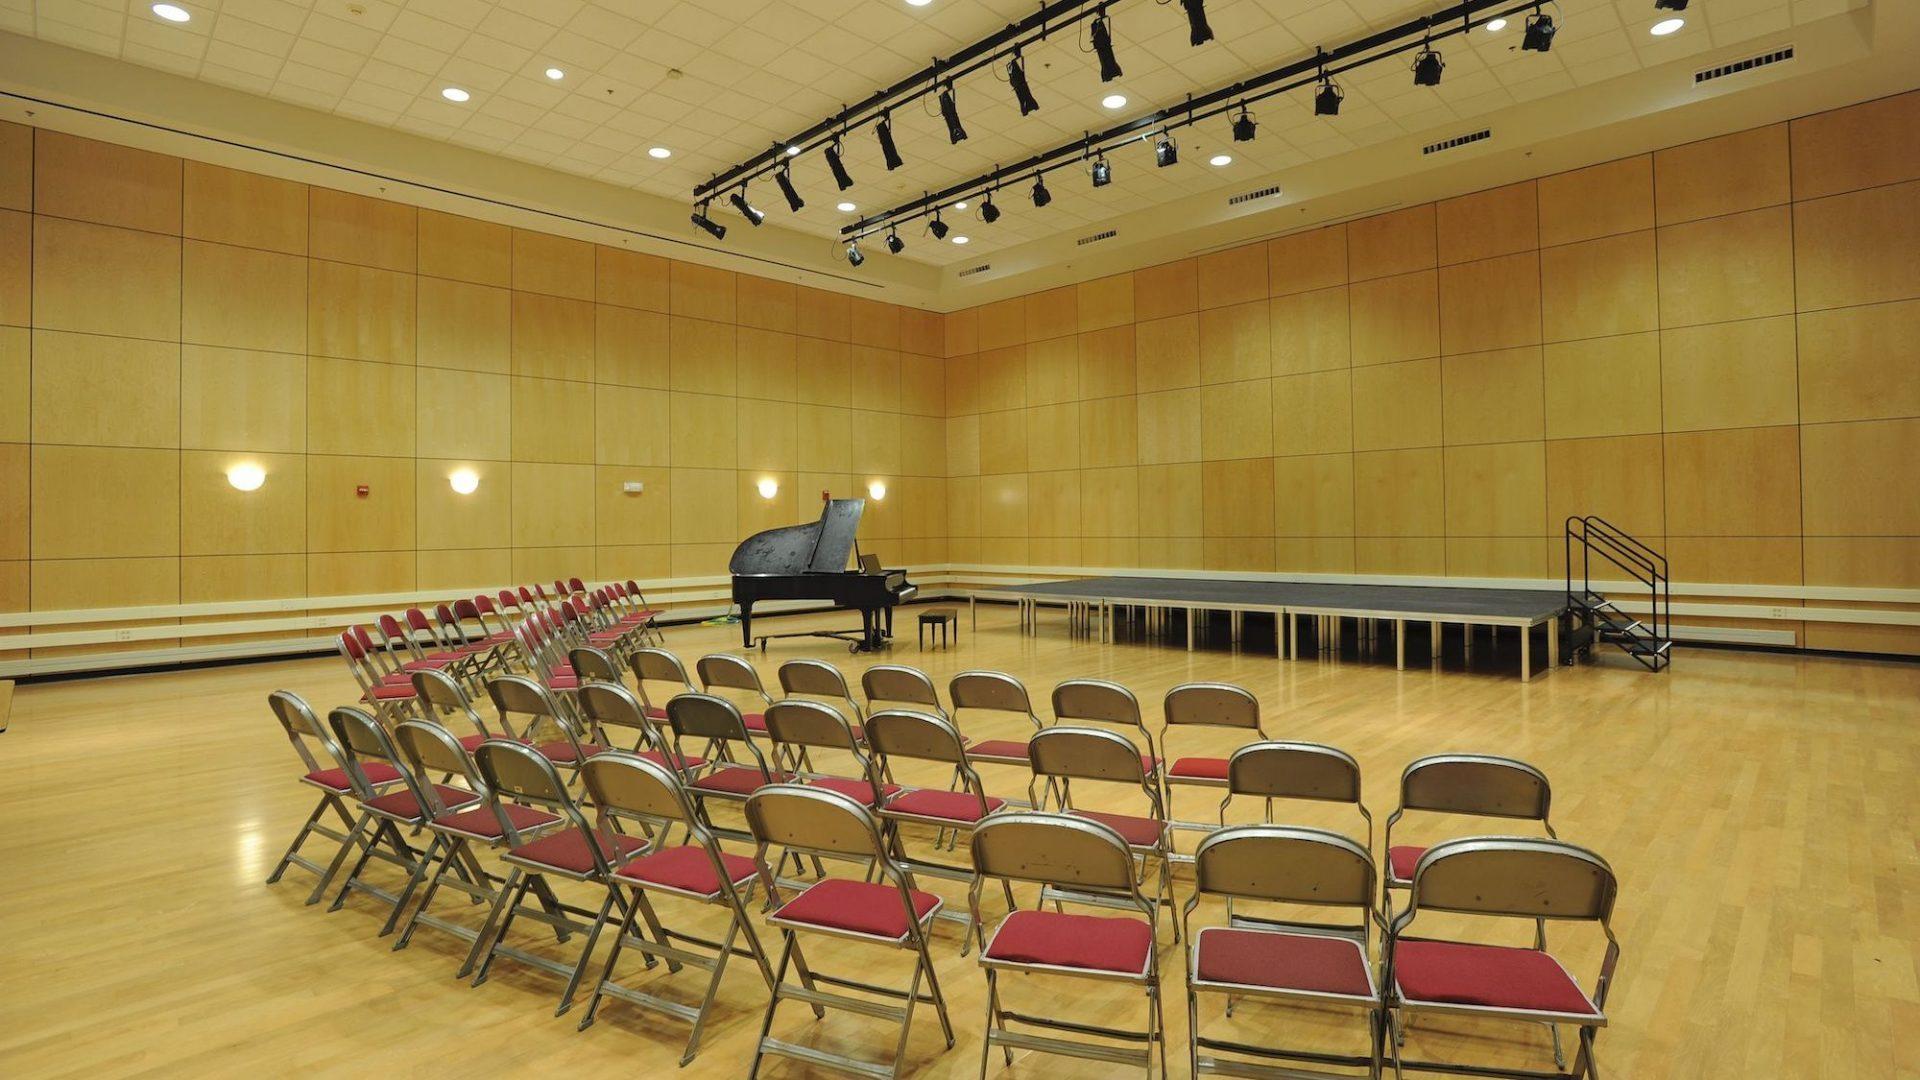 SUNYO Fine Arts Interior 4